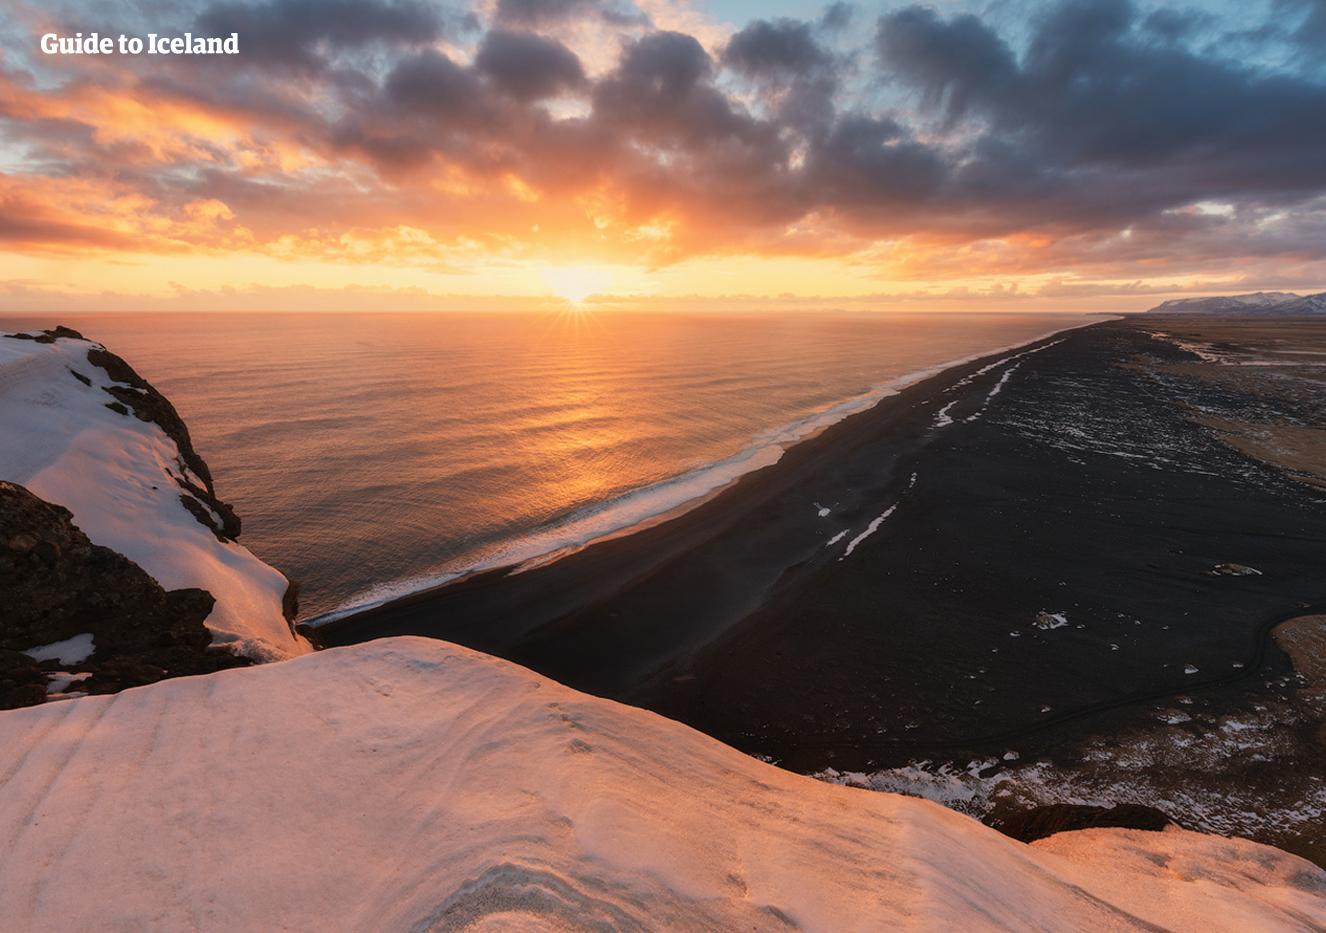 Sydkustens många färger, med den röda kvällshimlen över vit pudersnö på Reynisfjaras svarta sandstrand